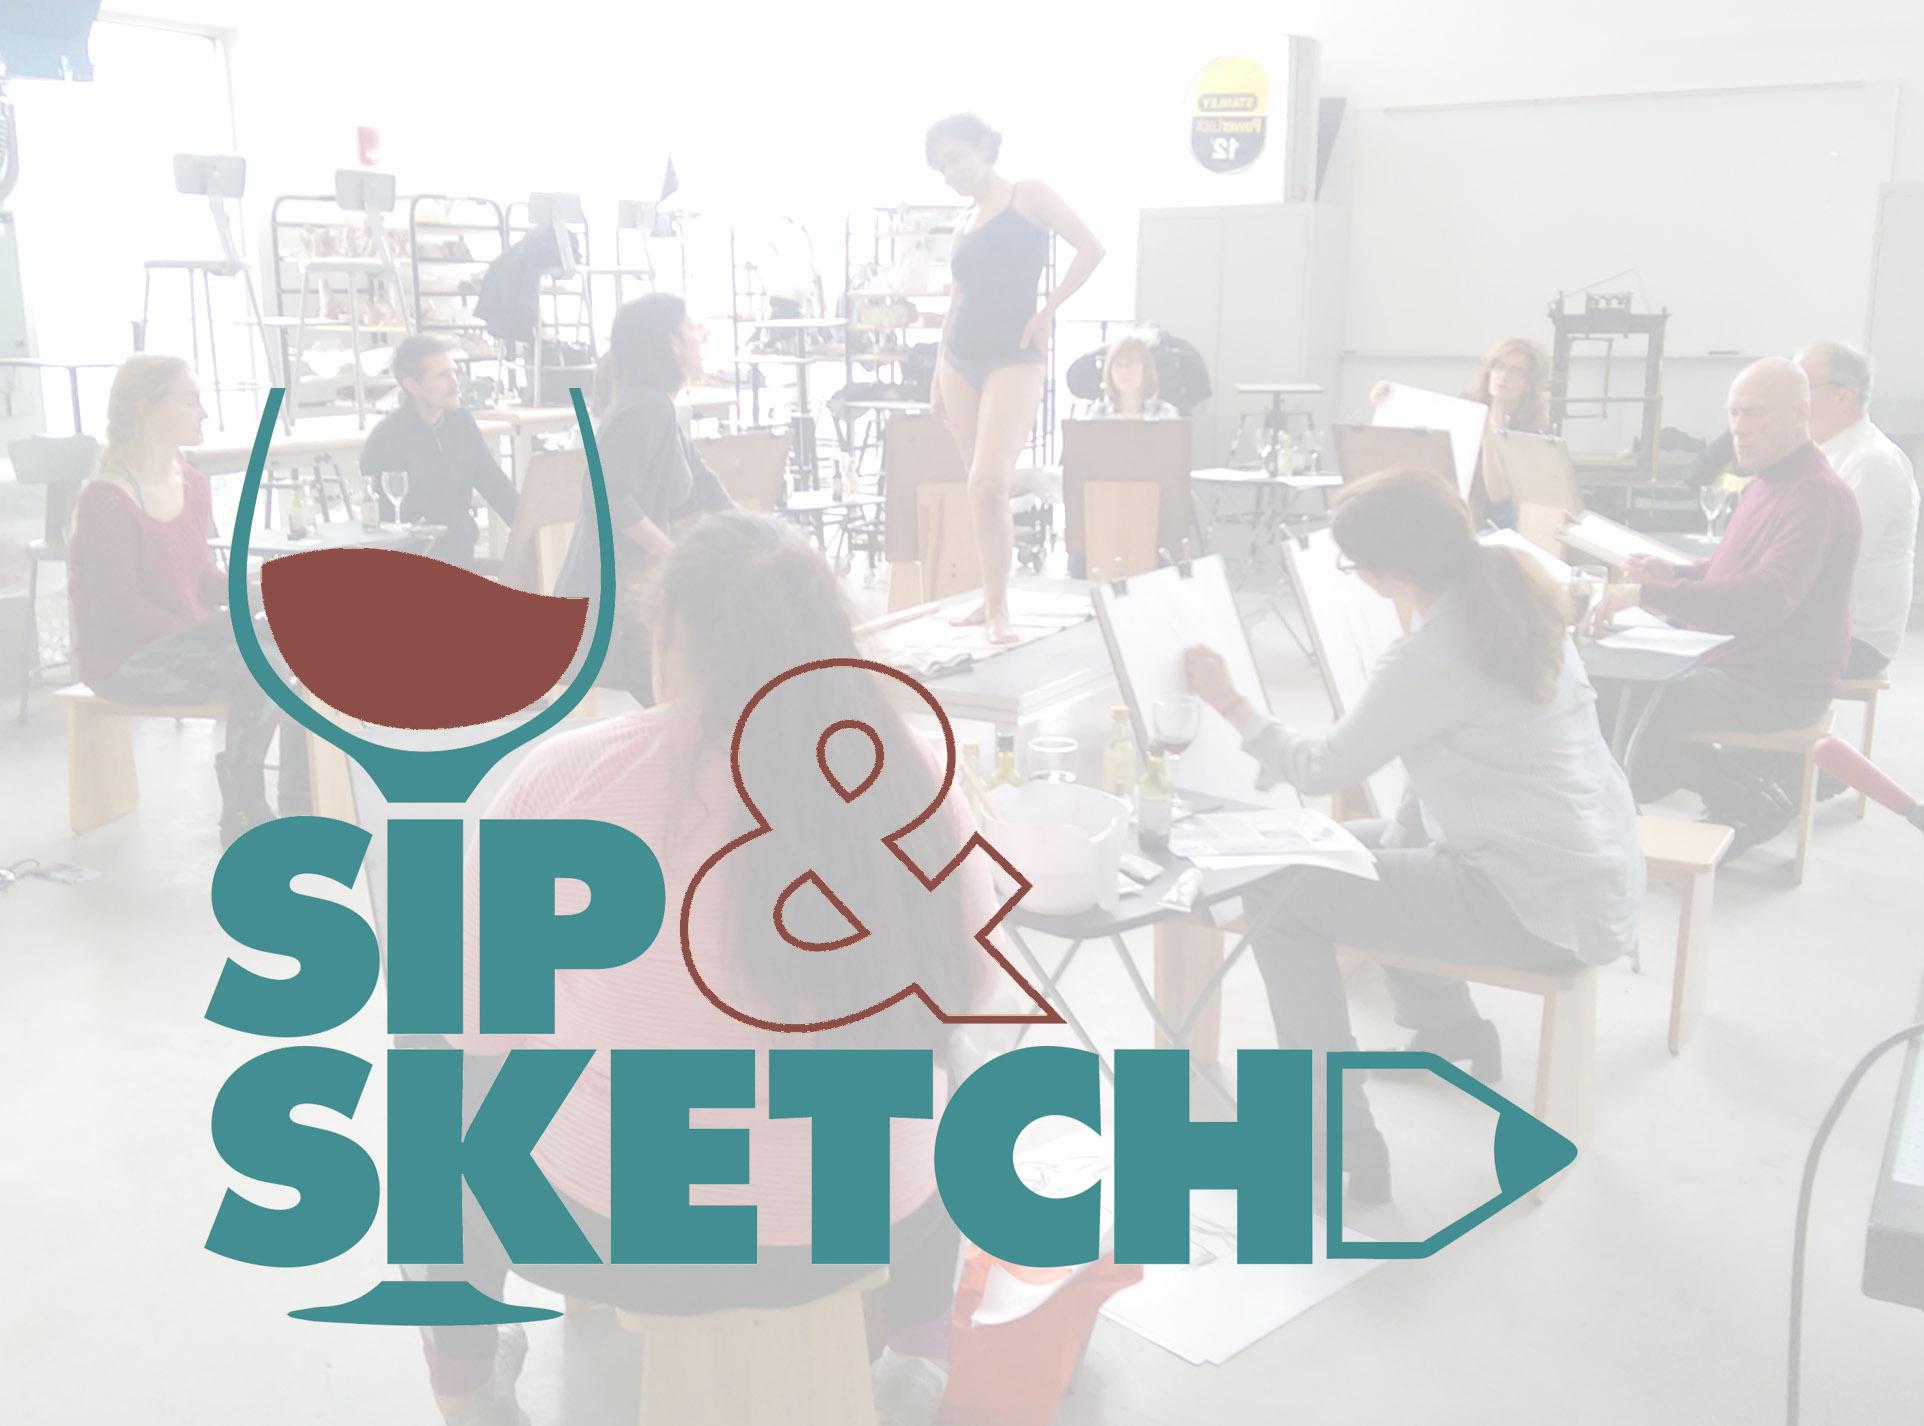 Sip & Sketch